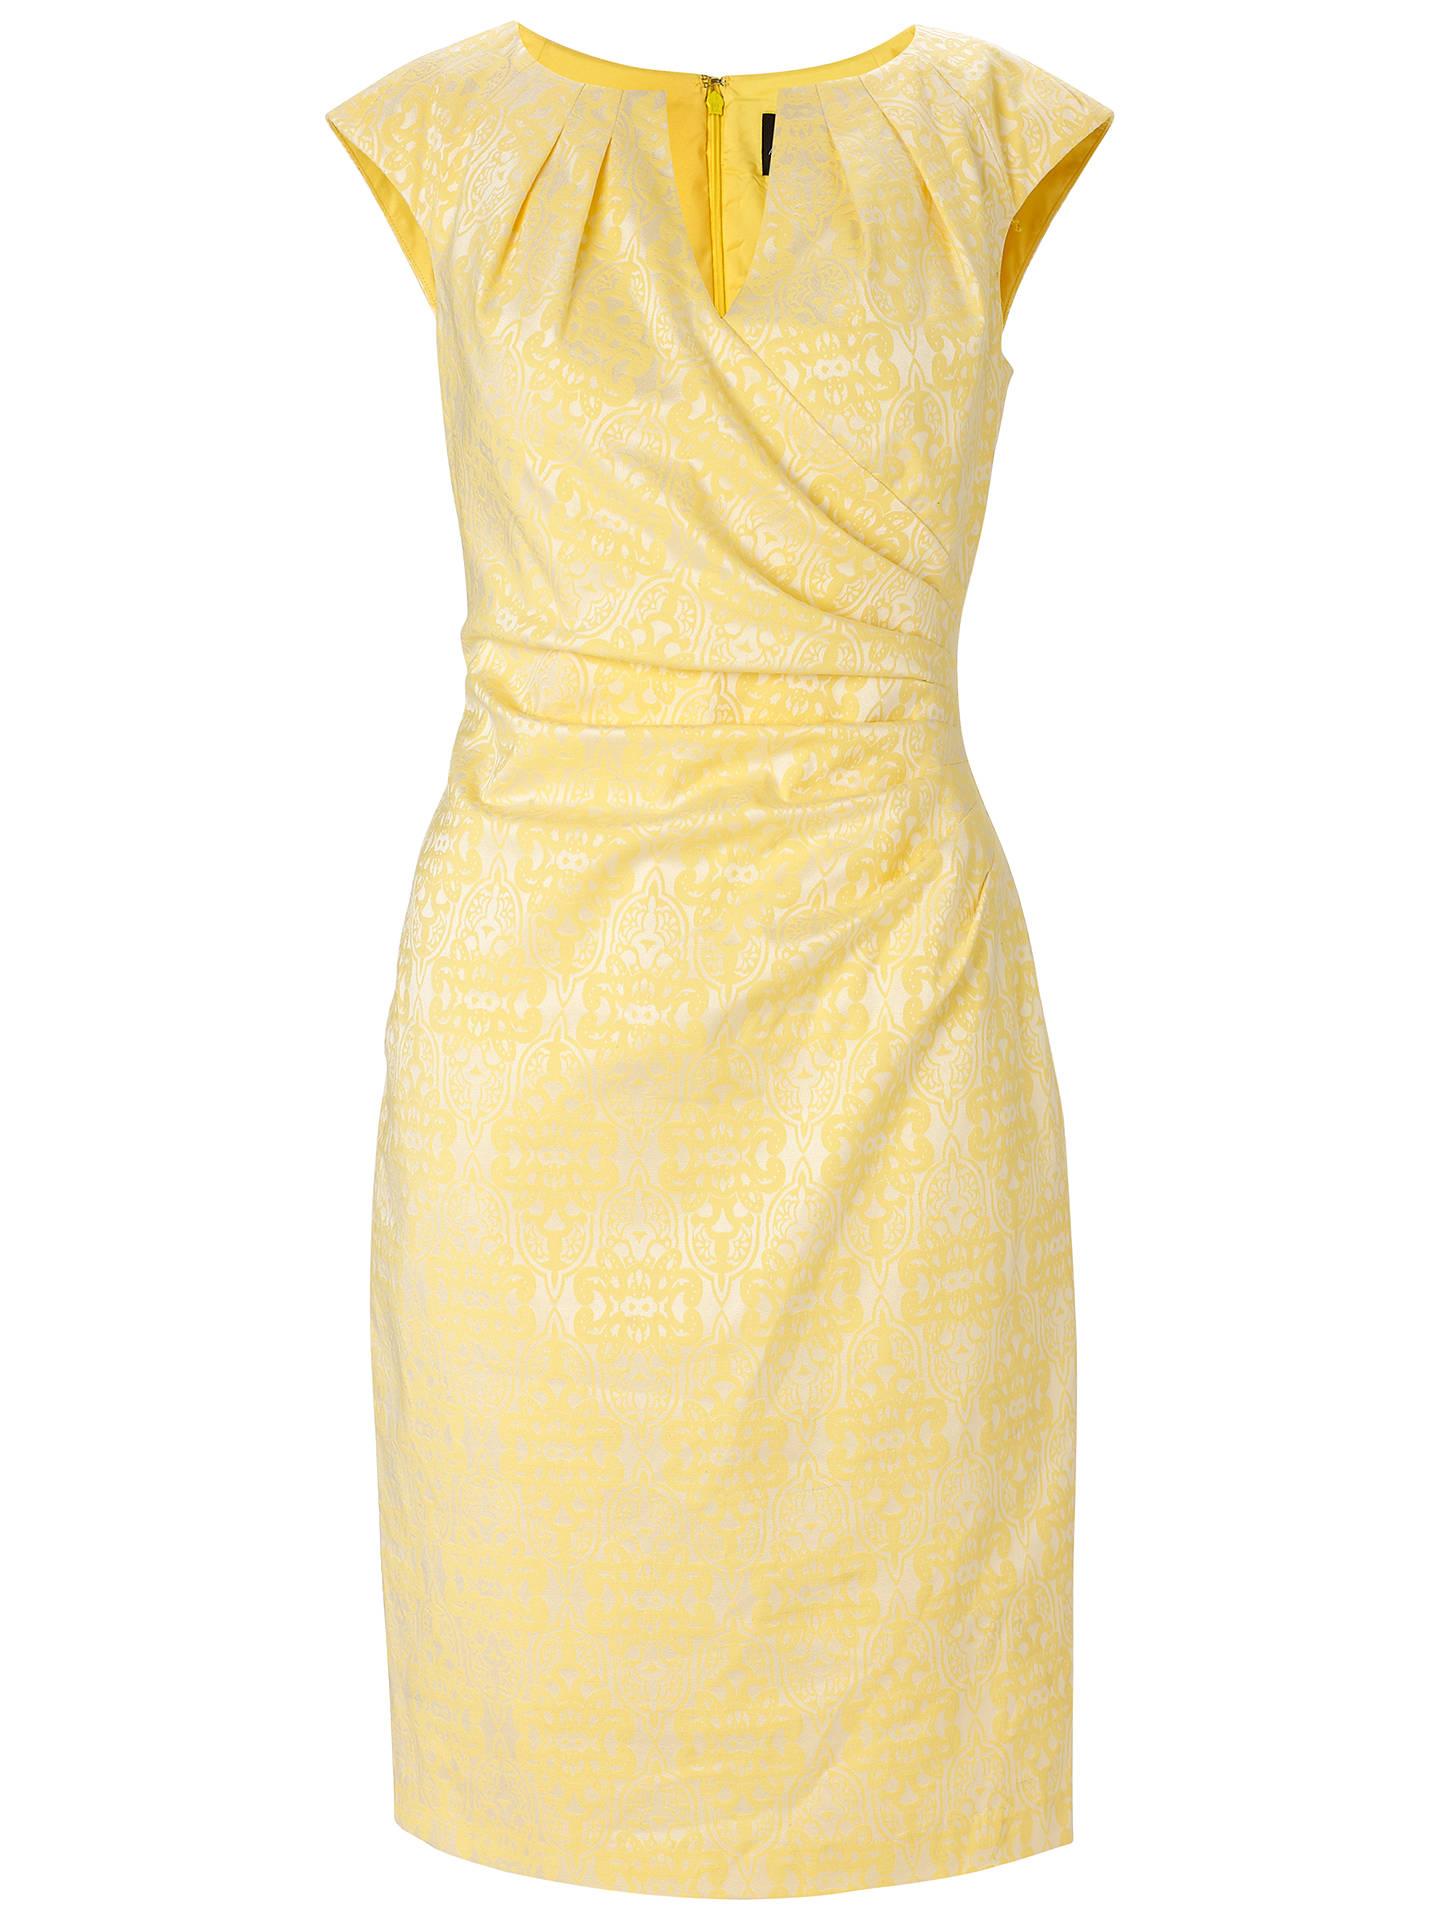 Adrianna Papell Pleated Teacup Dress, Lemon Ice at John